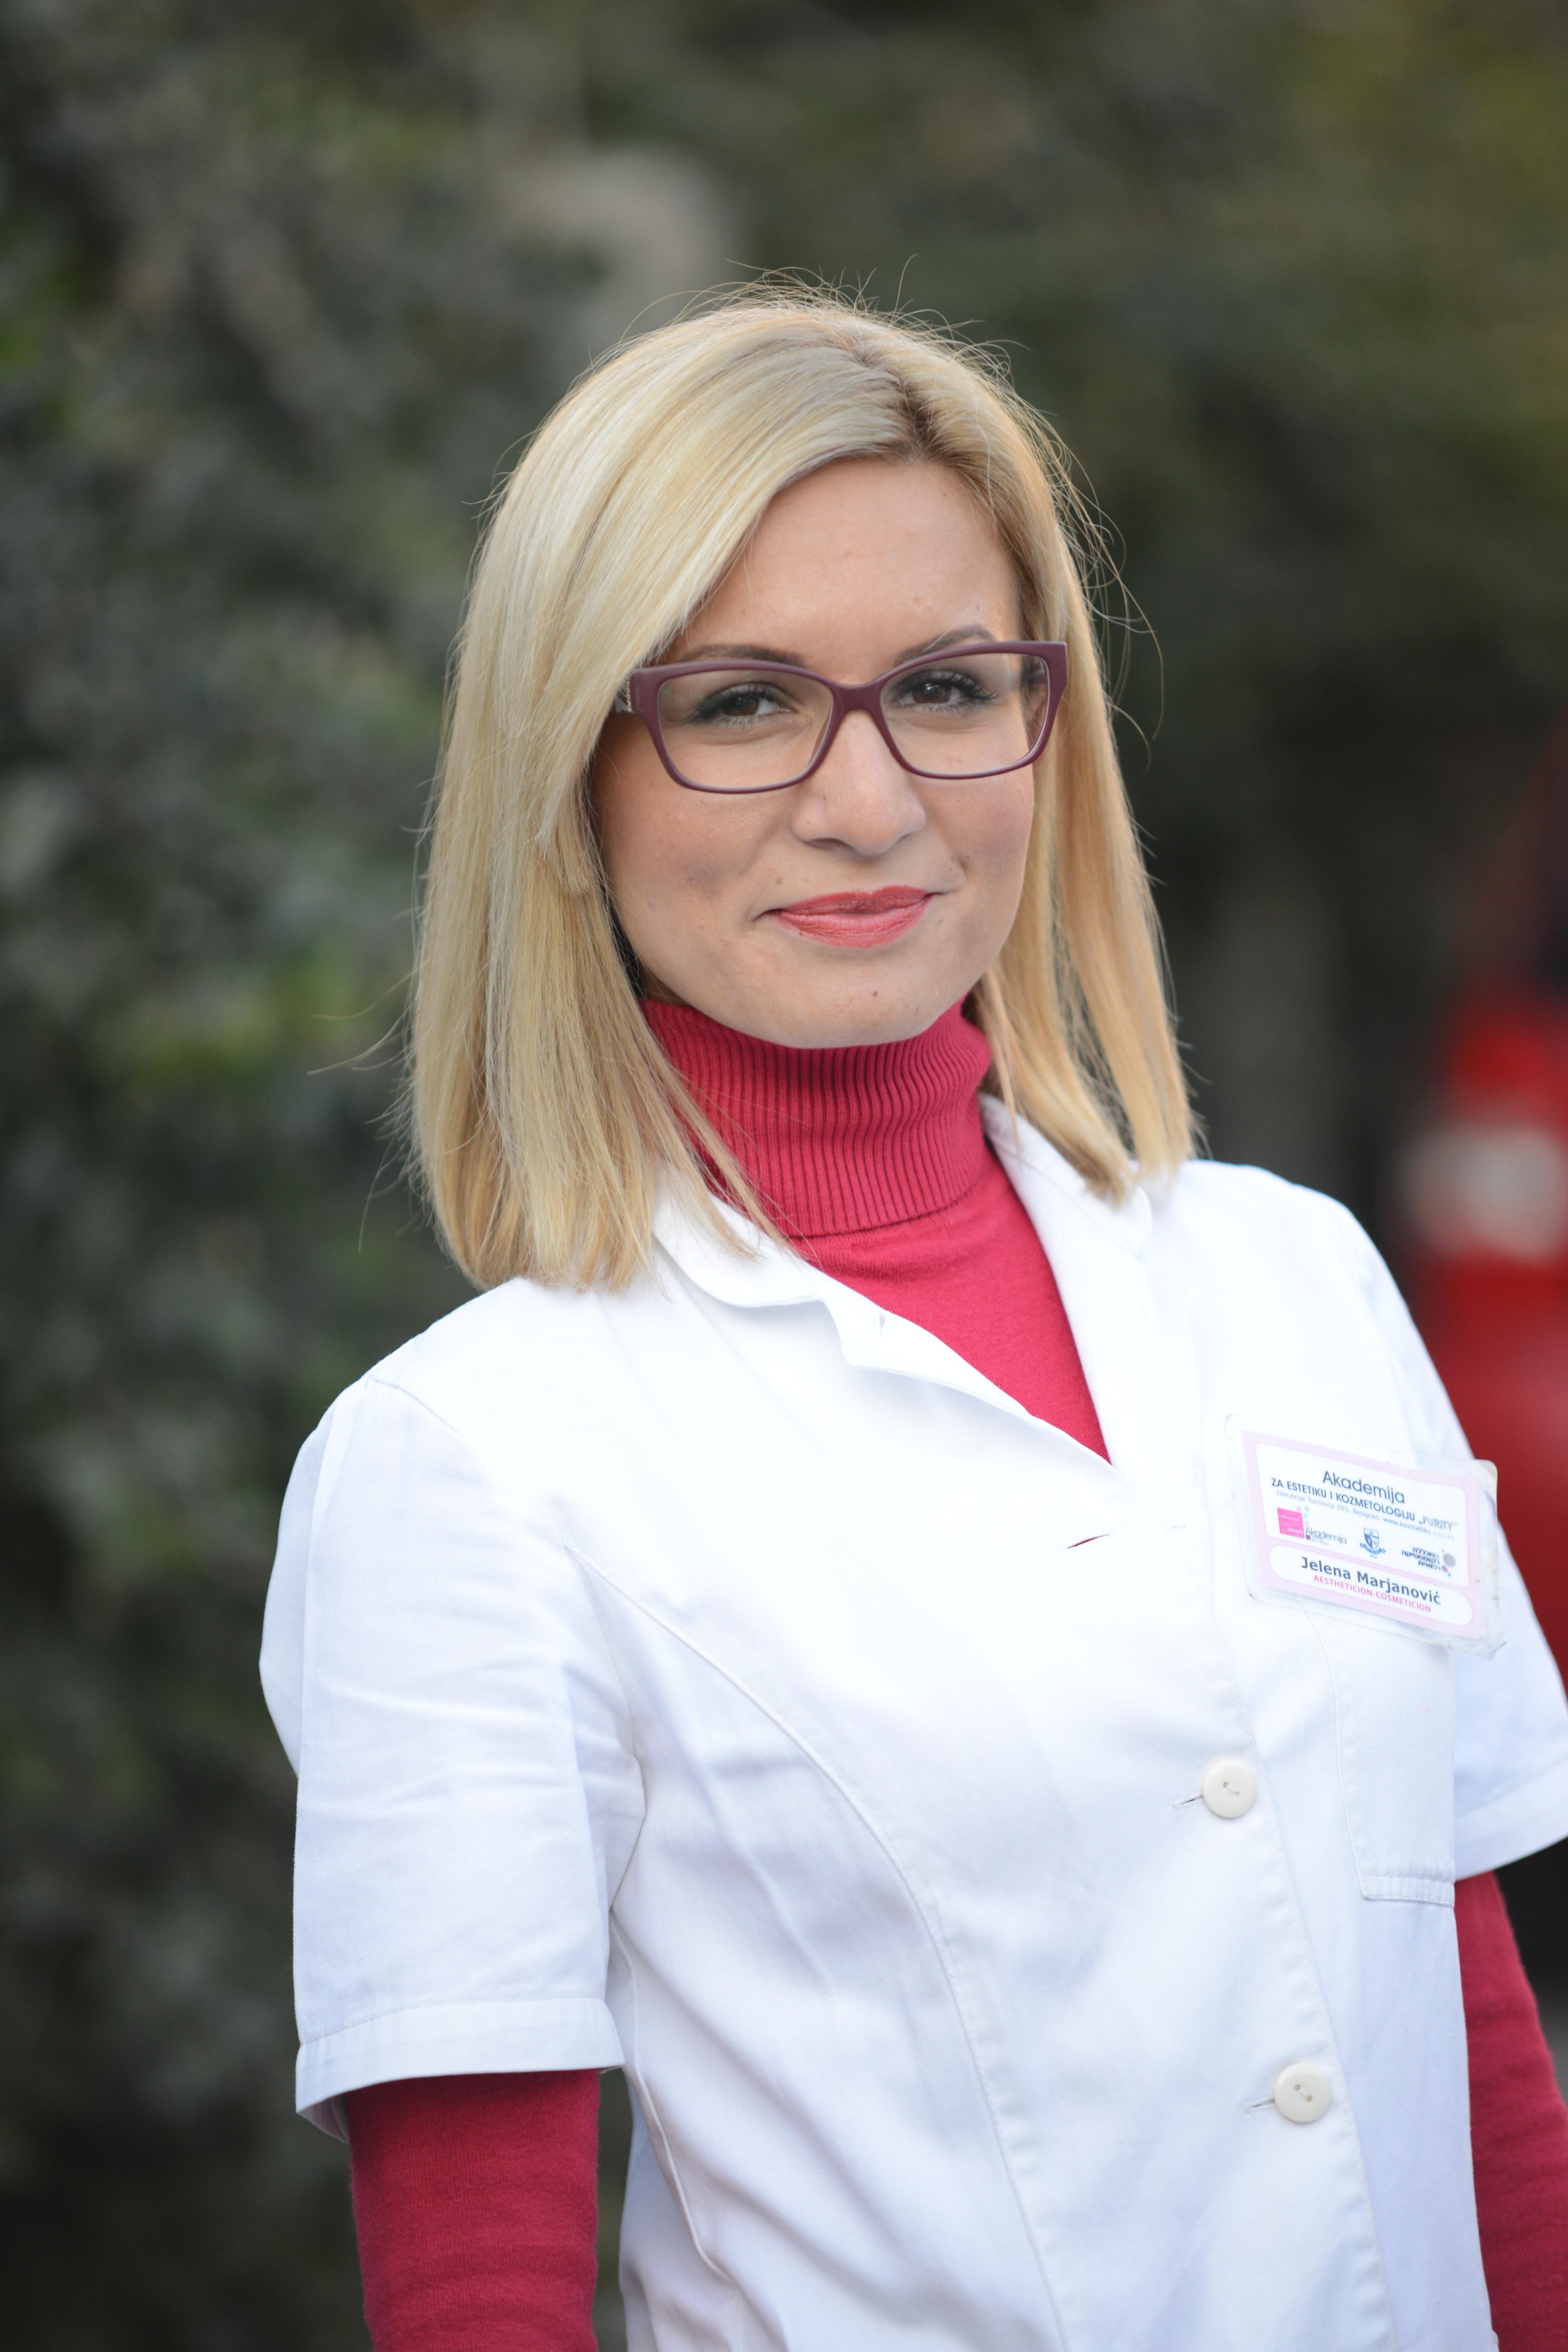 PREDSTAVLJAMO VAM: Jelena Miljković – profesor na Akademiji Purity